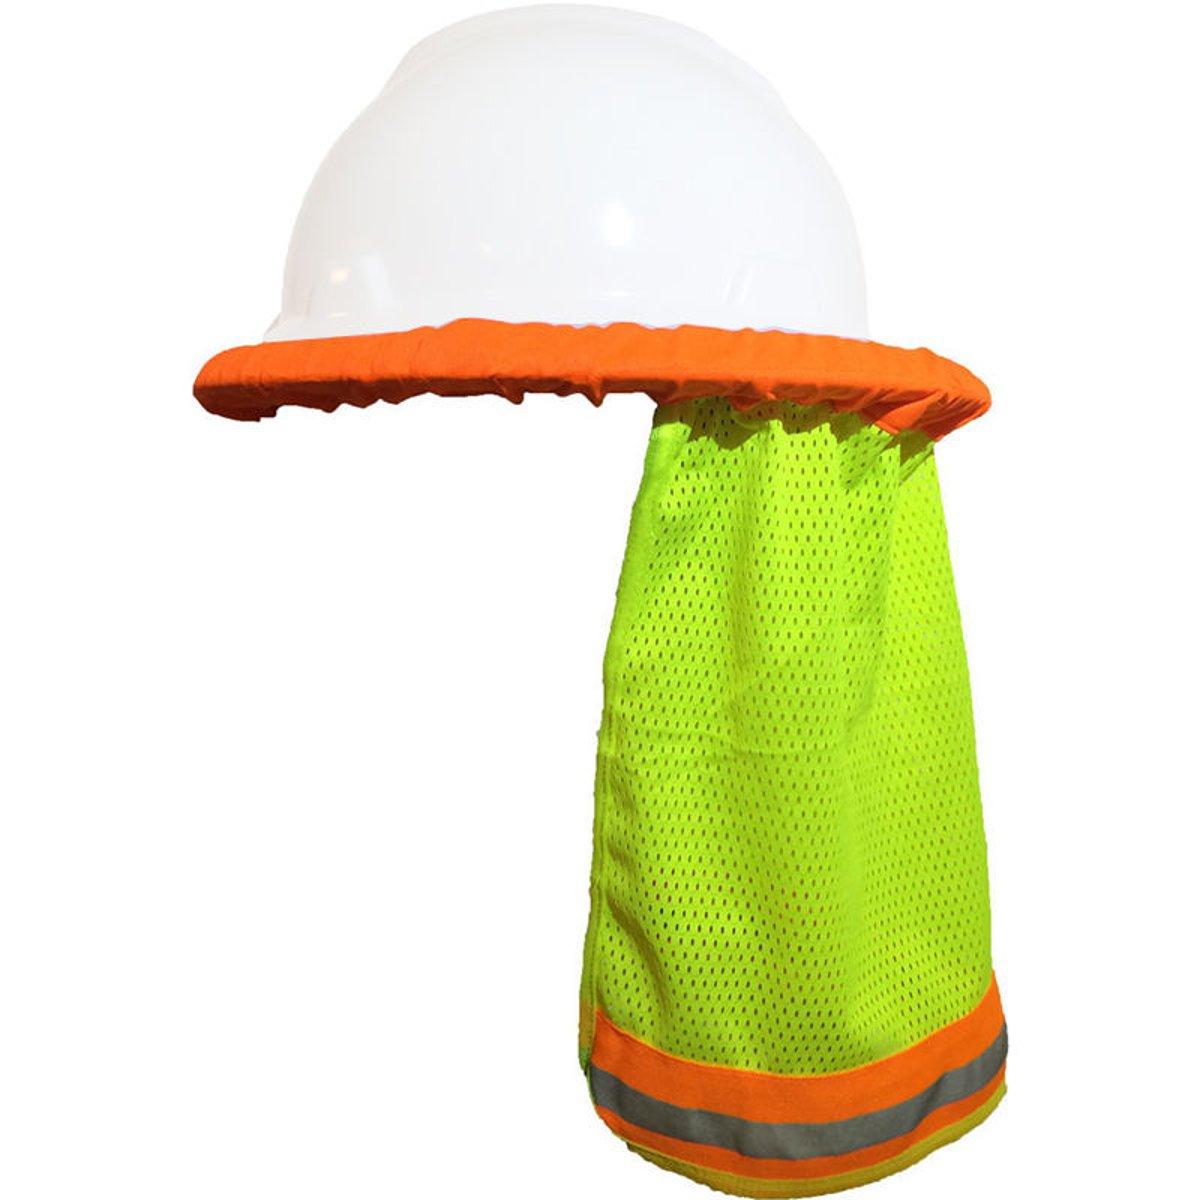 Arbeitsplatz Sicherheit Liefert Sicherheit & Schutz Safurance Reflektierende Streifen Hals Schild Sicherheitshelm Kappe Sonnenschutz Schutzhelme Arbeitssicherheit Exzellente QualitäT